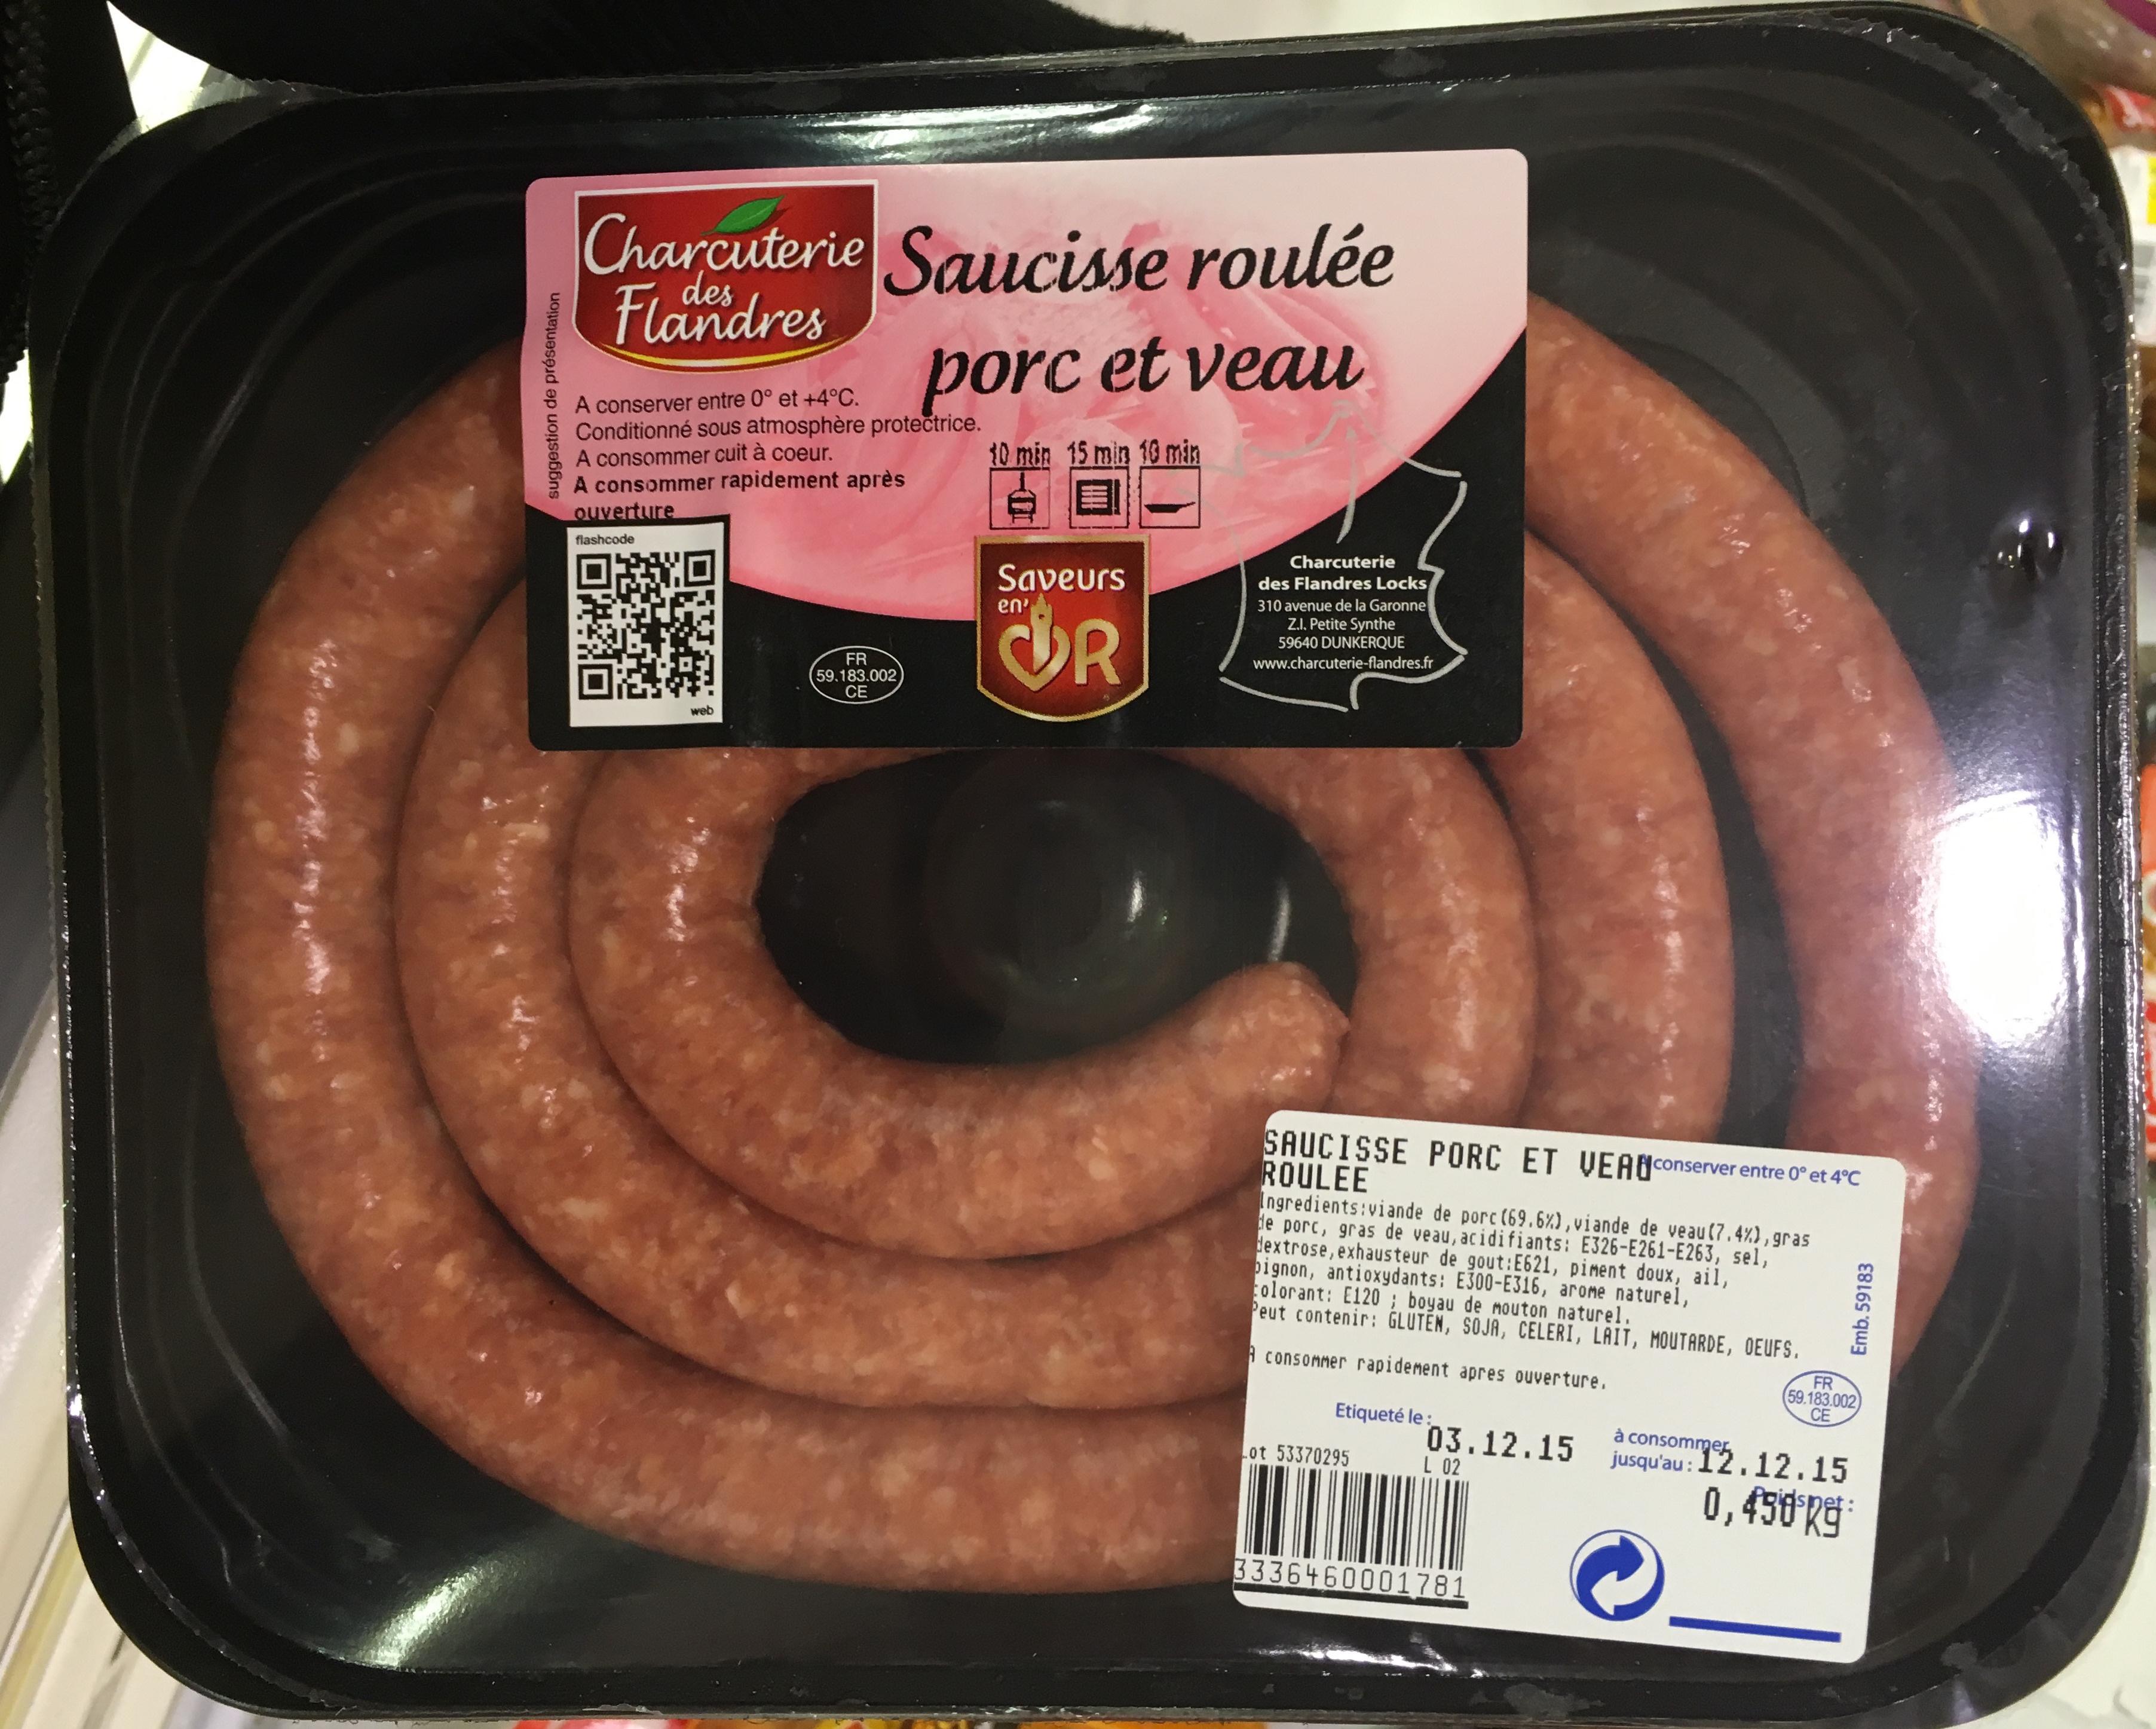 Saucisse roulée porc et veau - Product - fr